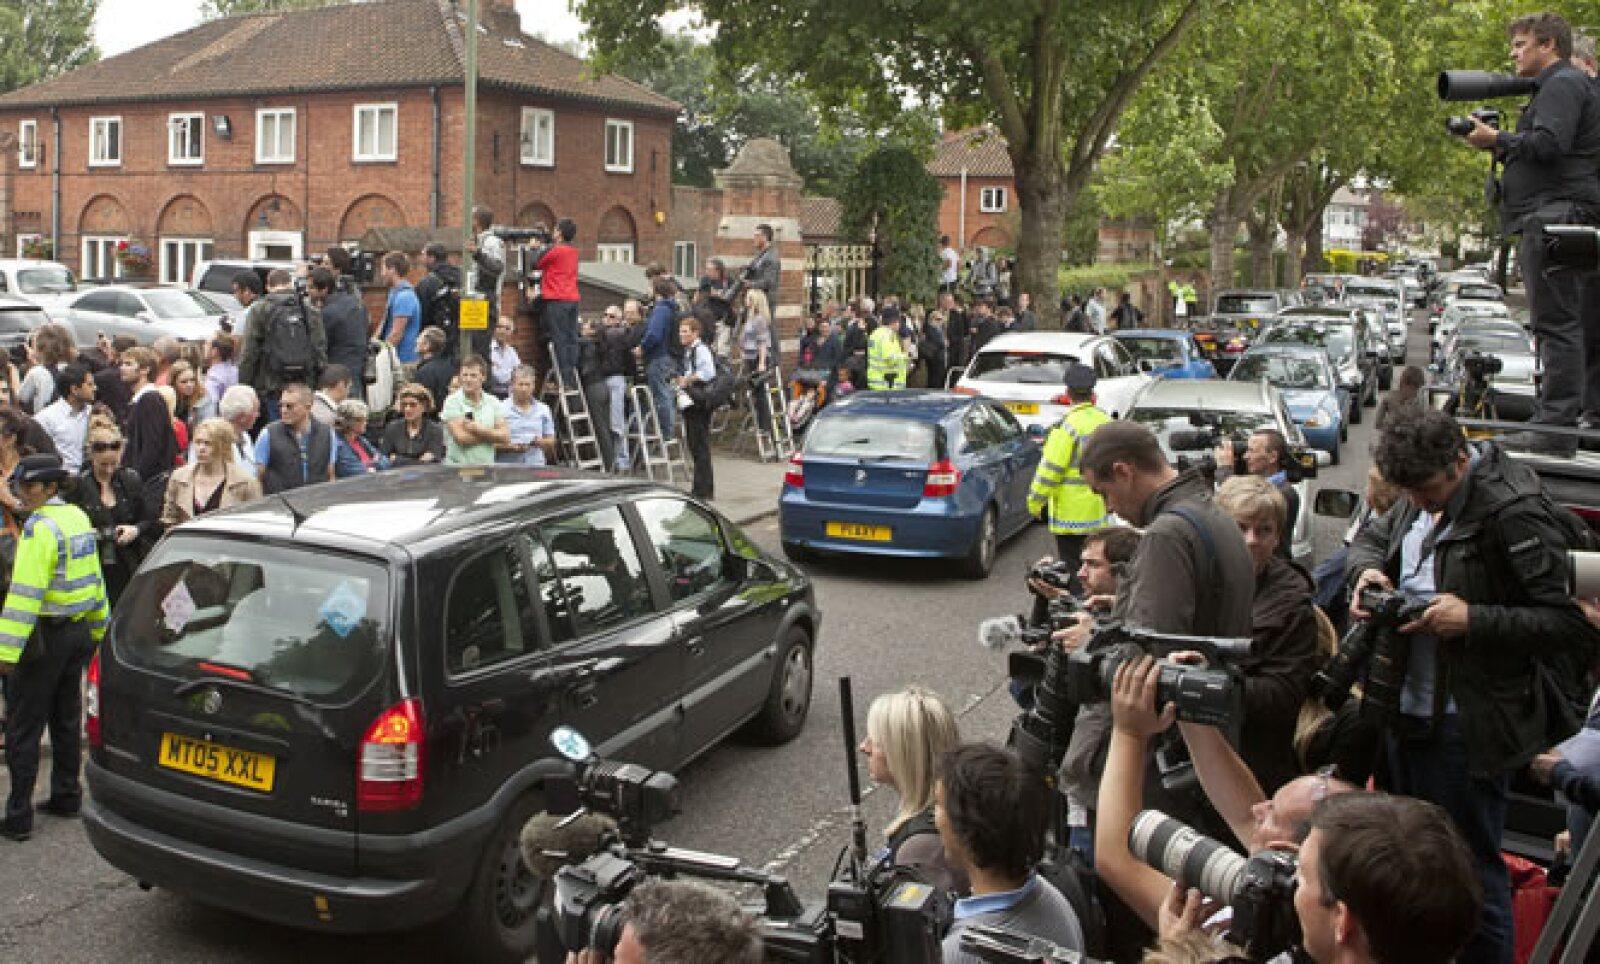 Medios de comunicación se apostaron afuera del cementerio londinense para capturar imágenes de los asistentes.